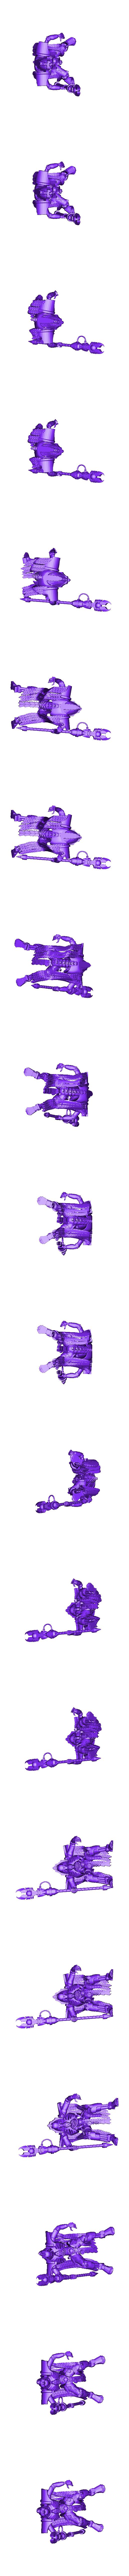 Trazyn.stl Download STL file Lazy Trazyn  • 3D printable design, JMo